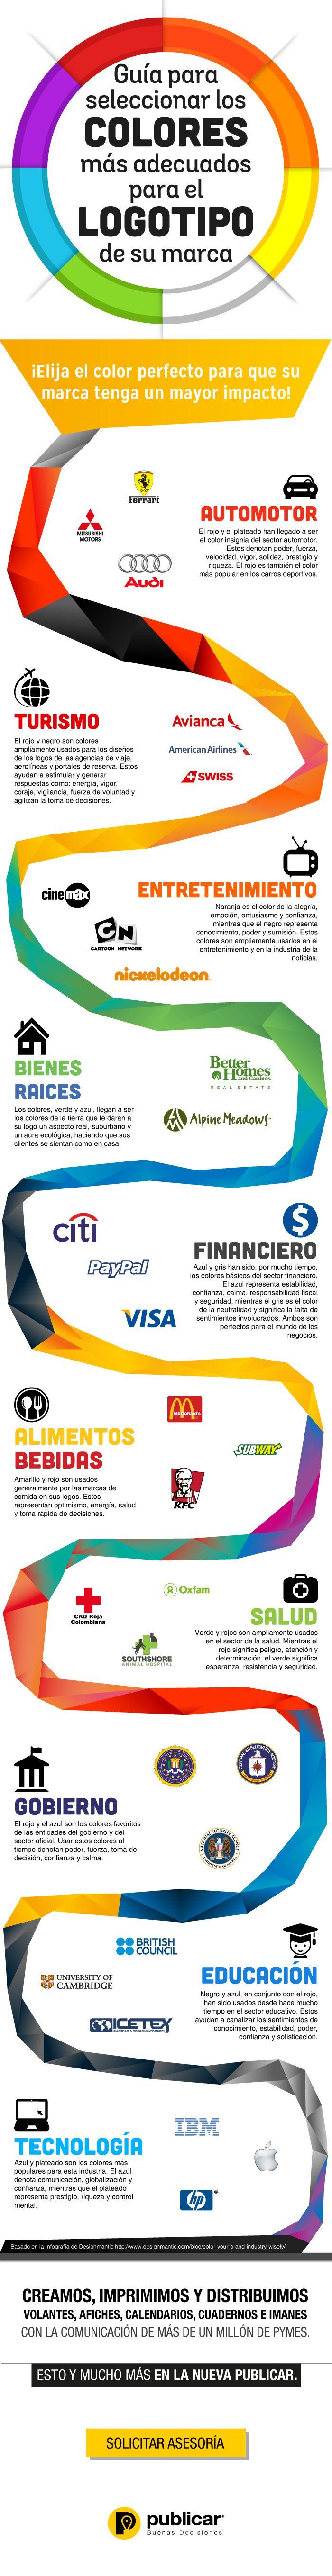 Info-Guia-de-colores-para-logotipo-_2